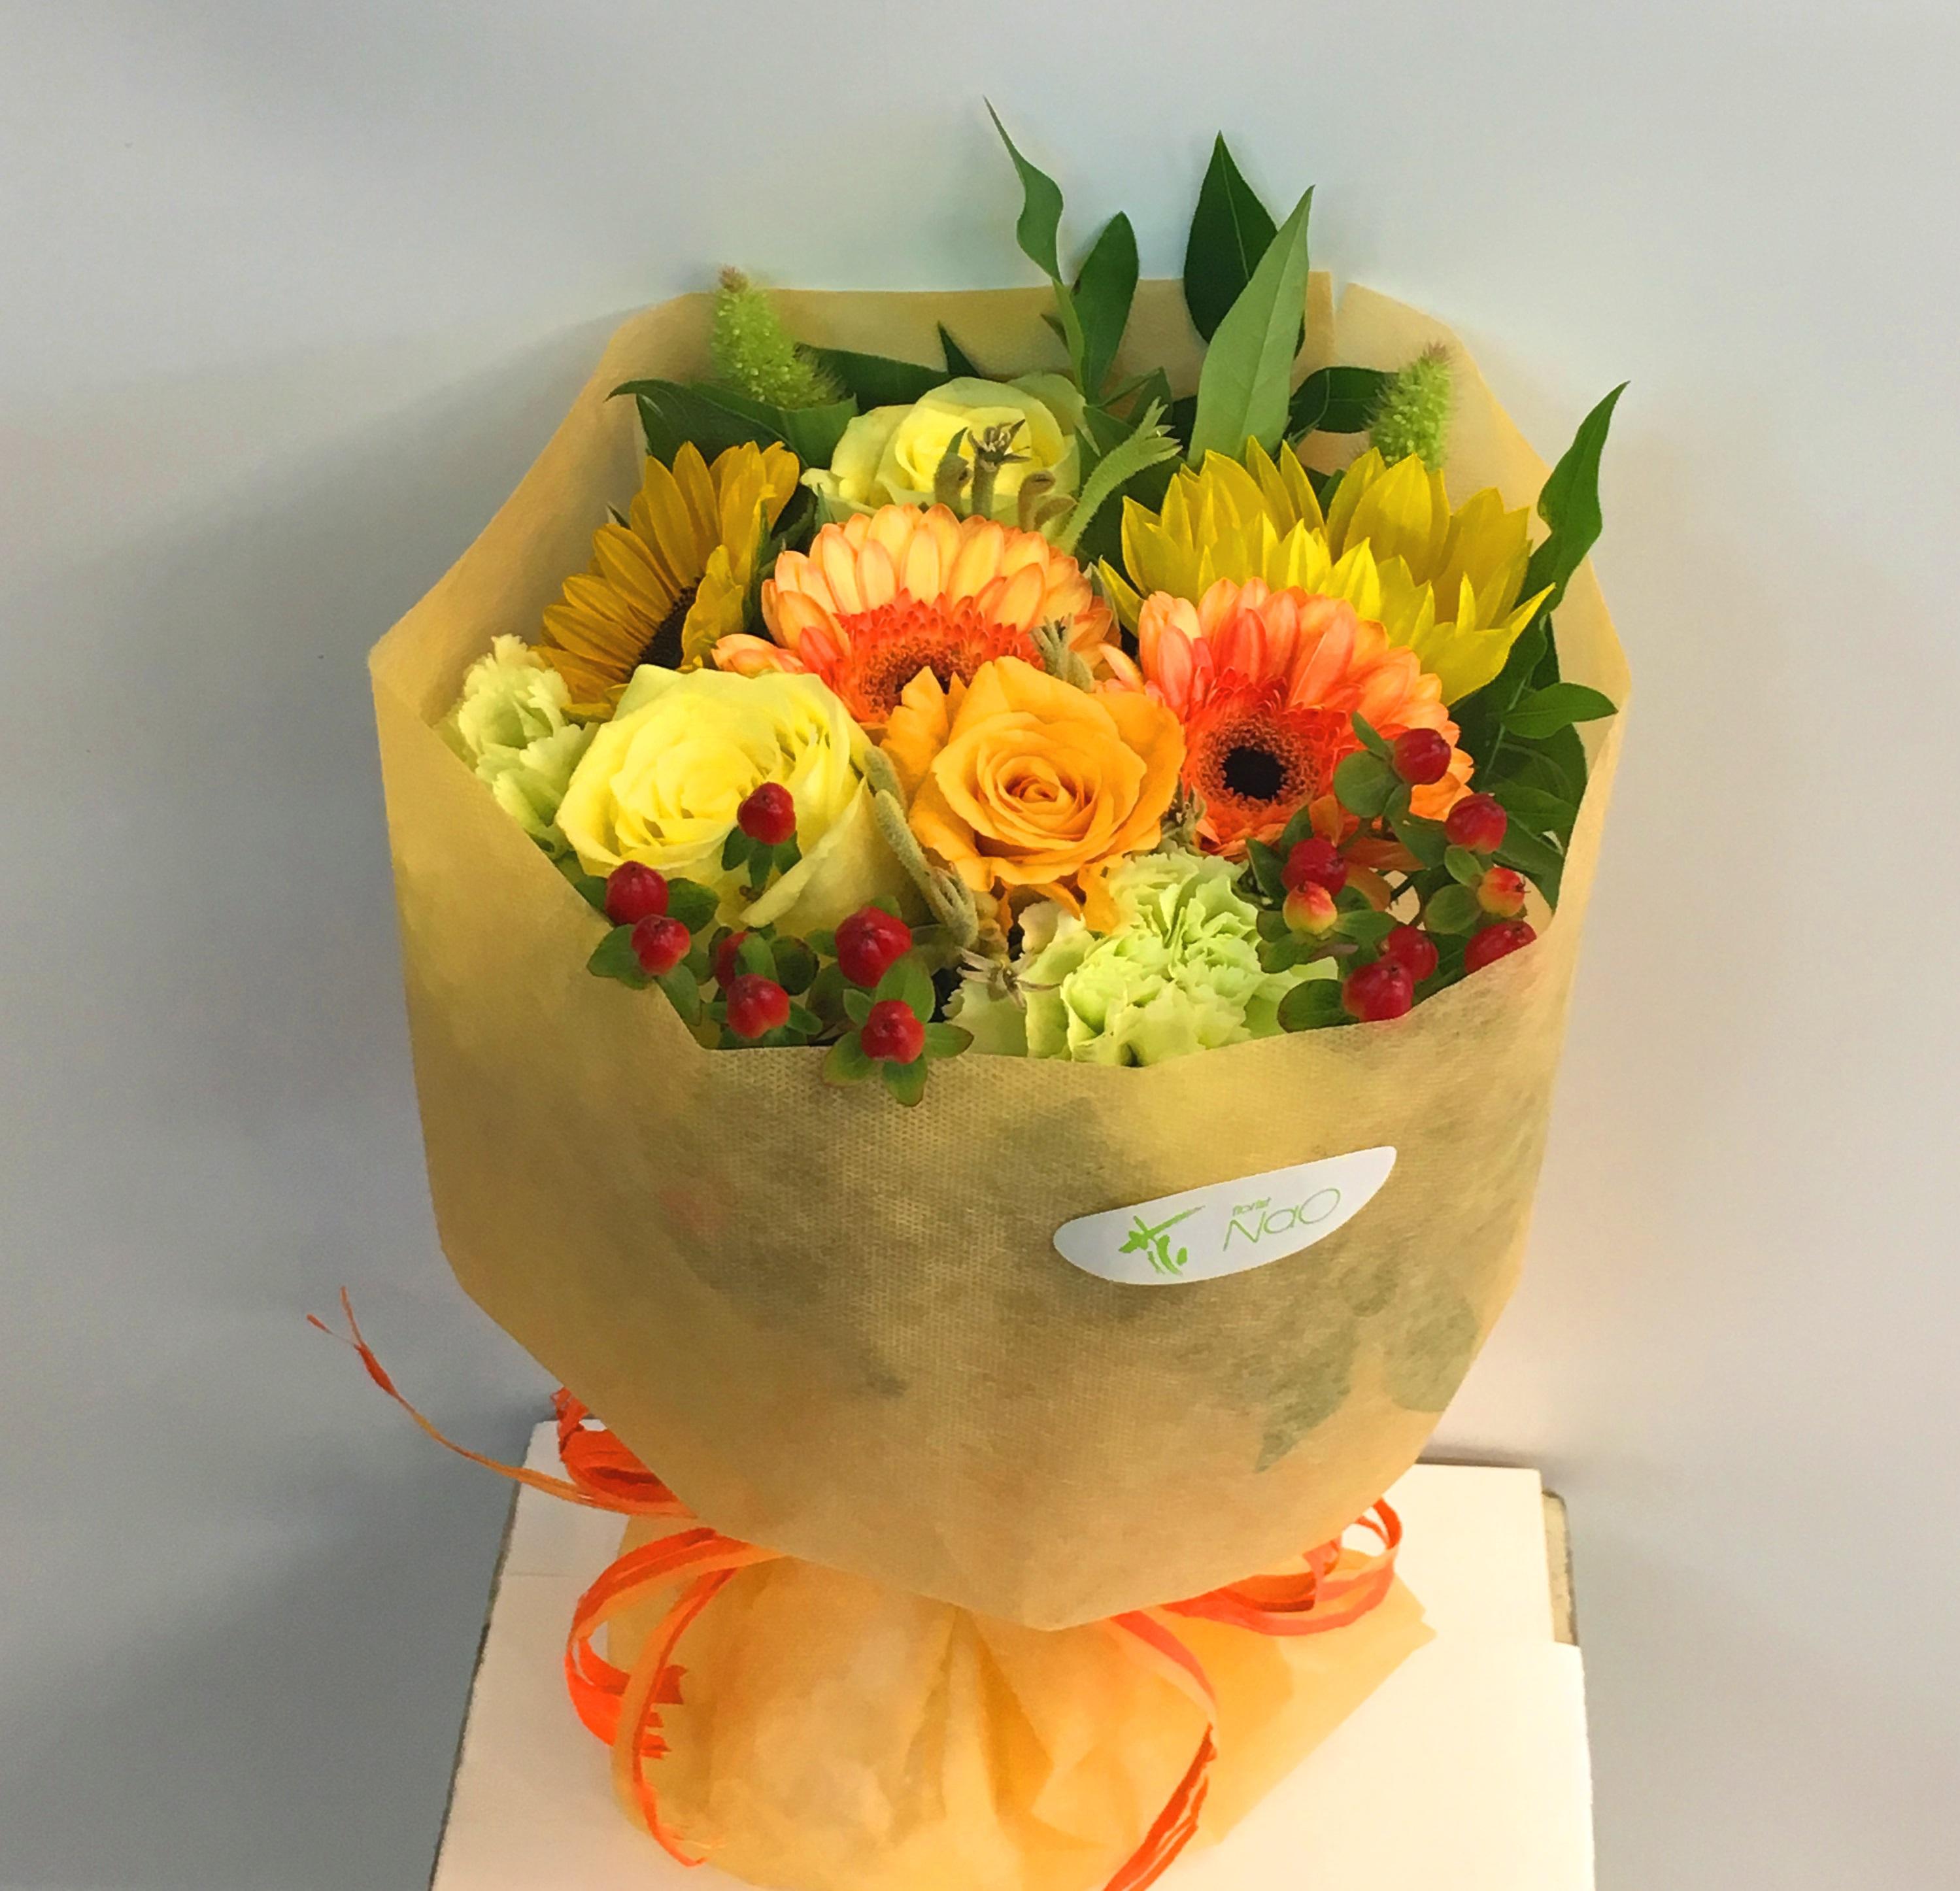 【ナオ花屋の納品事例51】横浜市中区関内の法人企業様へ花束を配達しました!